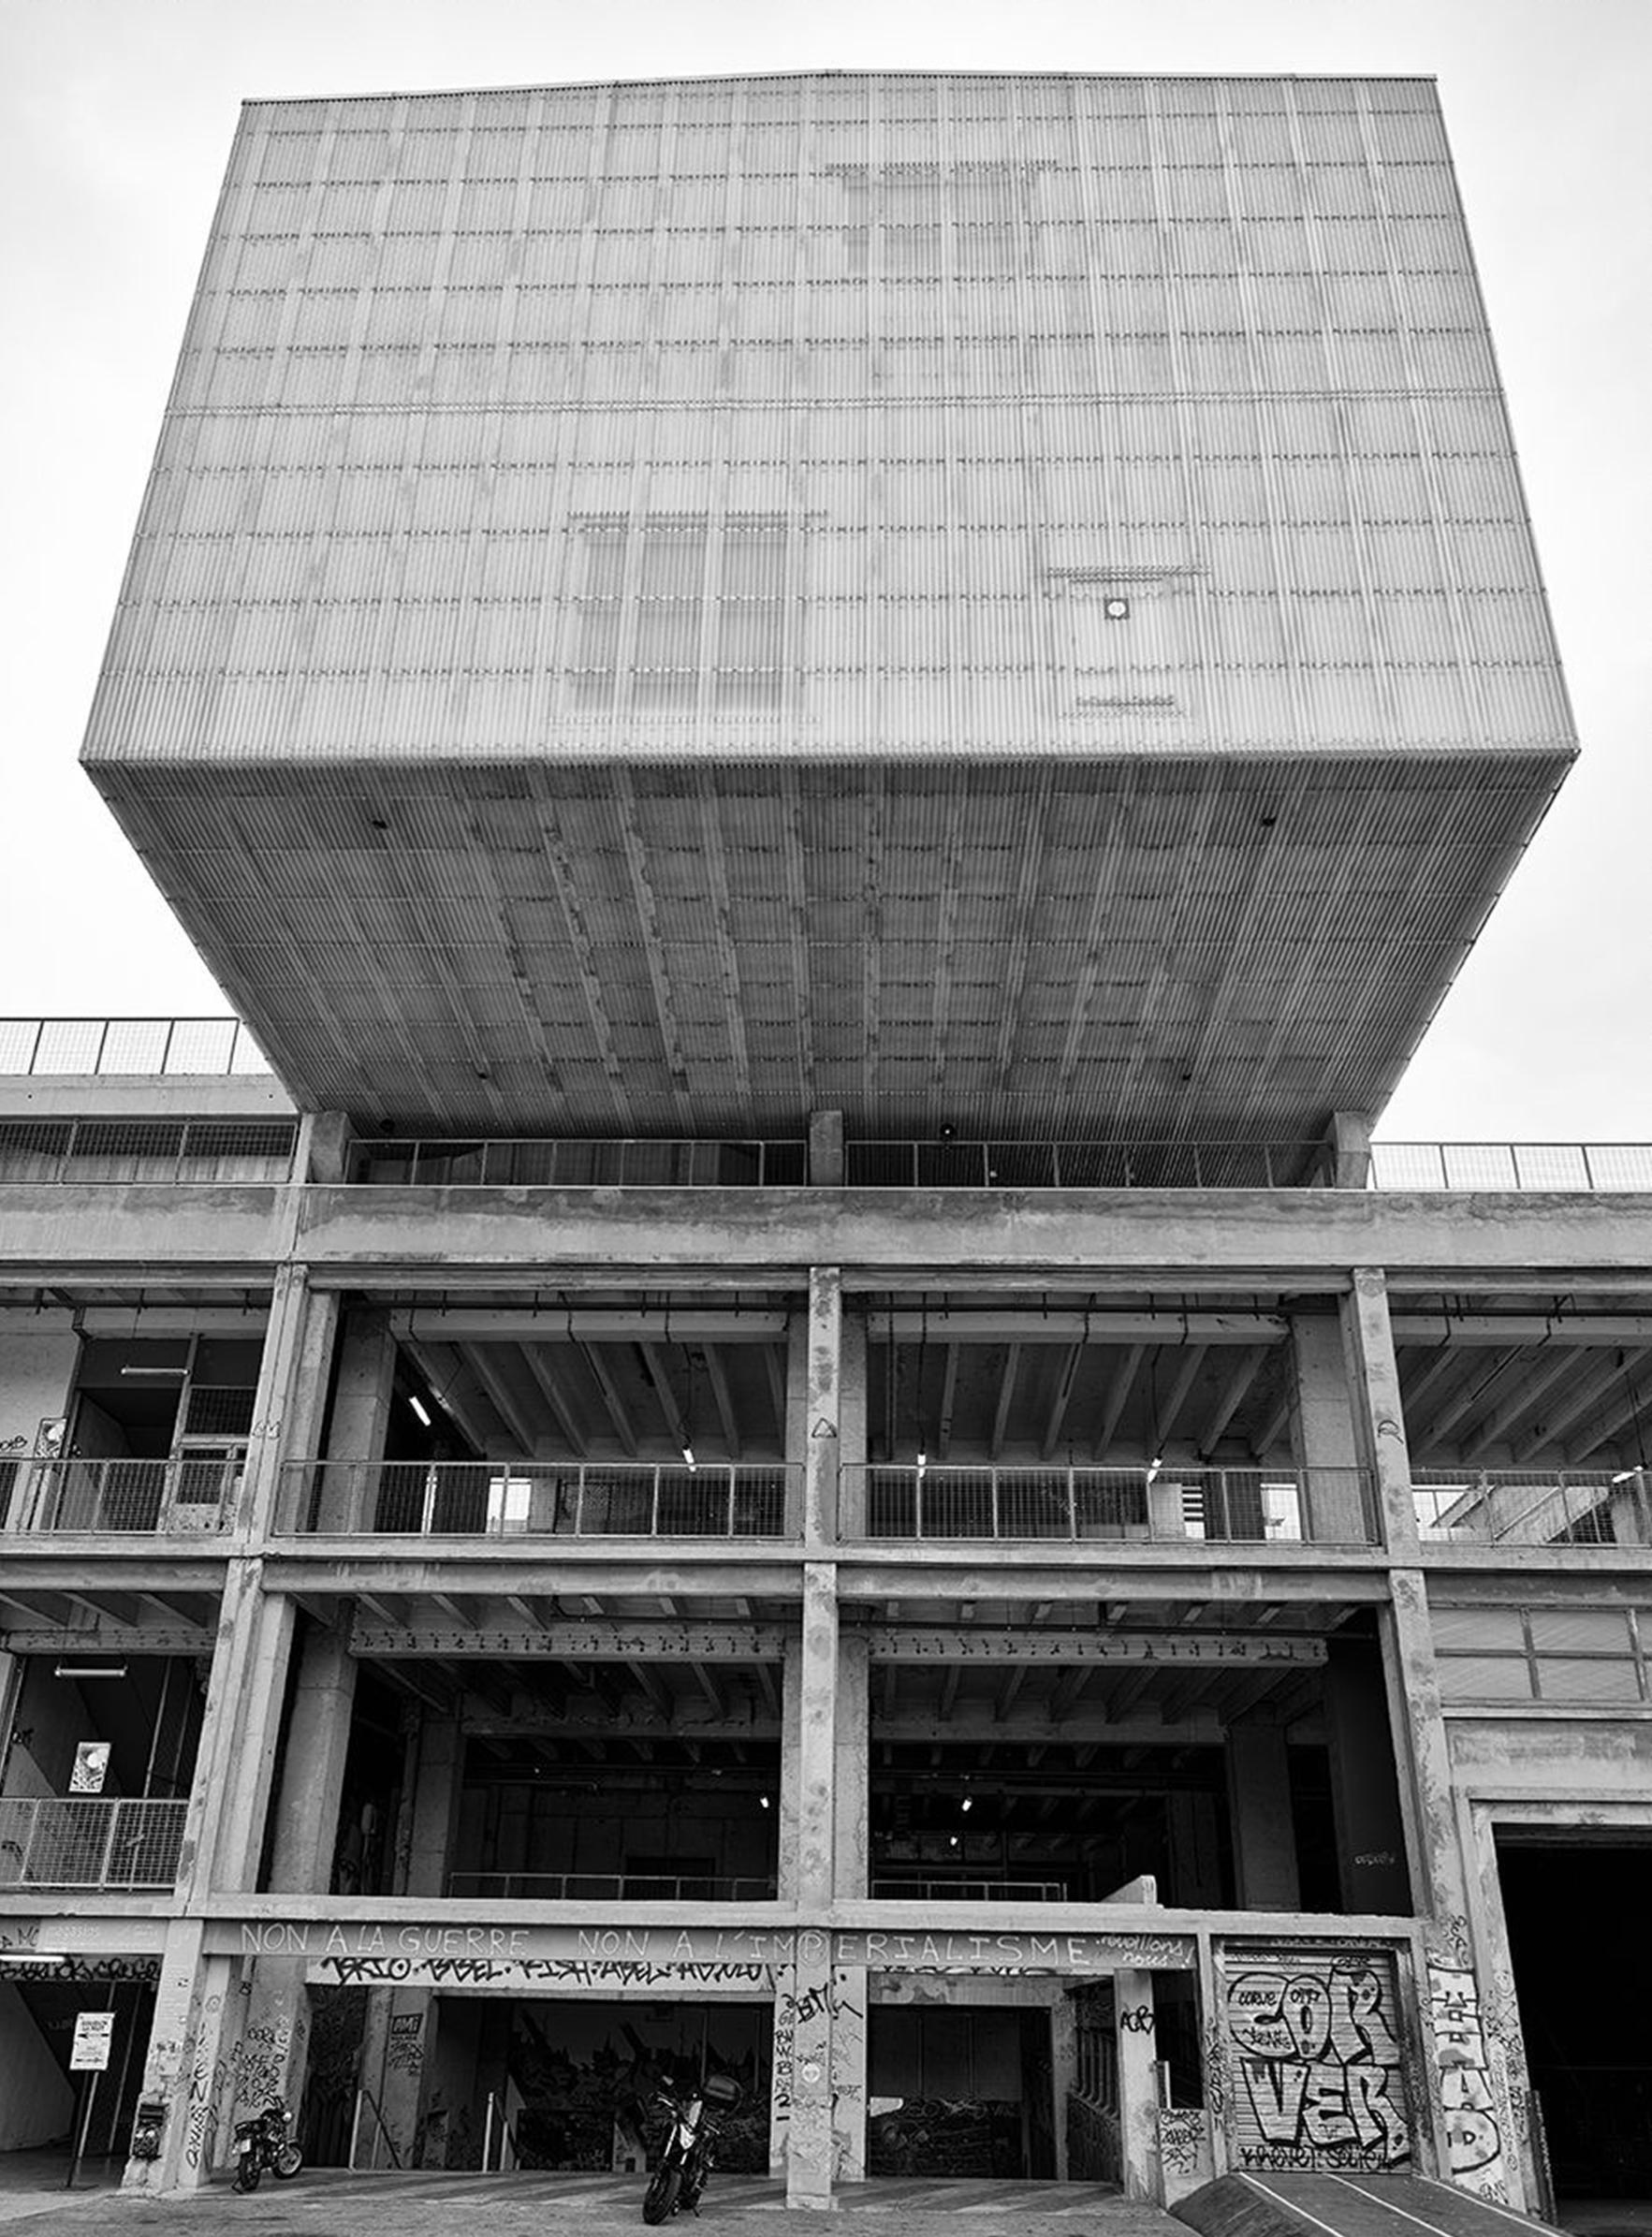 La Friche - Panorama - 11 - Caractère Spécial - Matthieu Poitevin Architecture